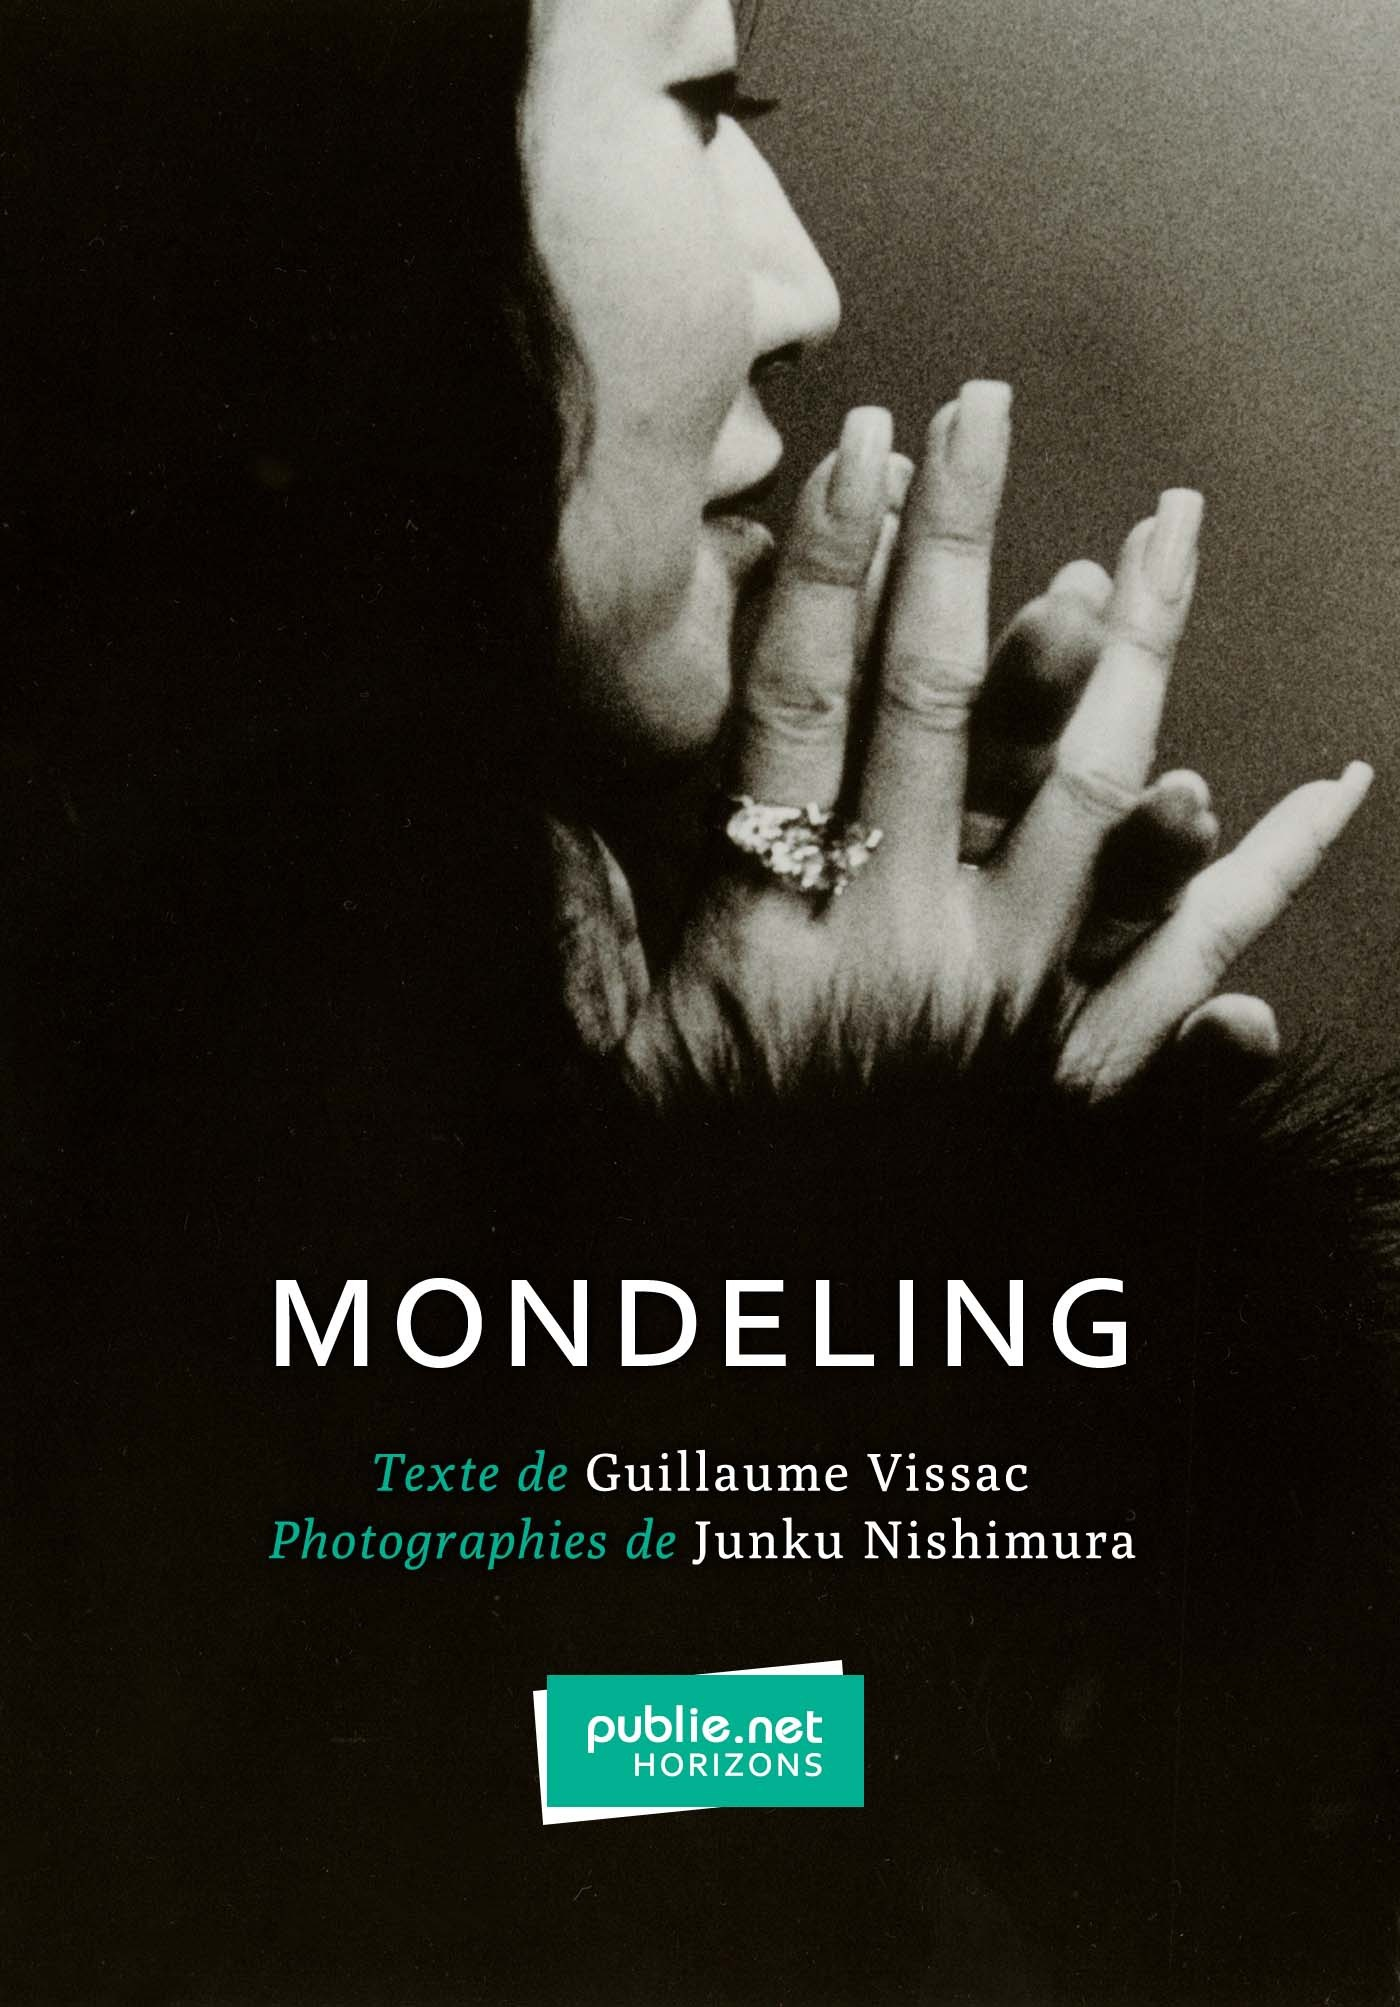 Mondeling  - Guillaume Vissac